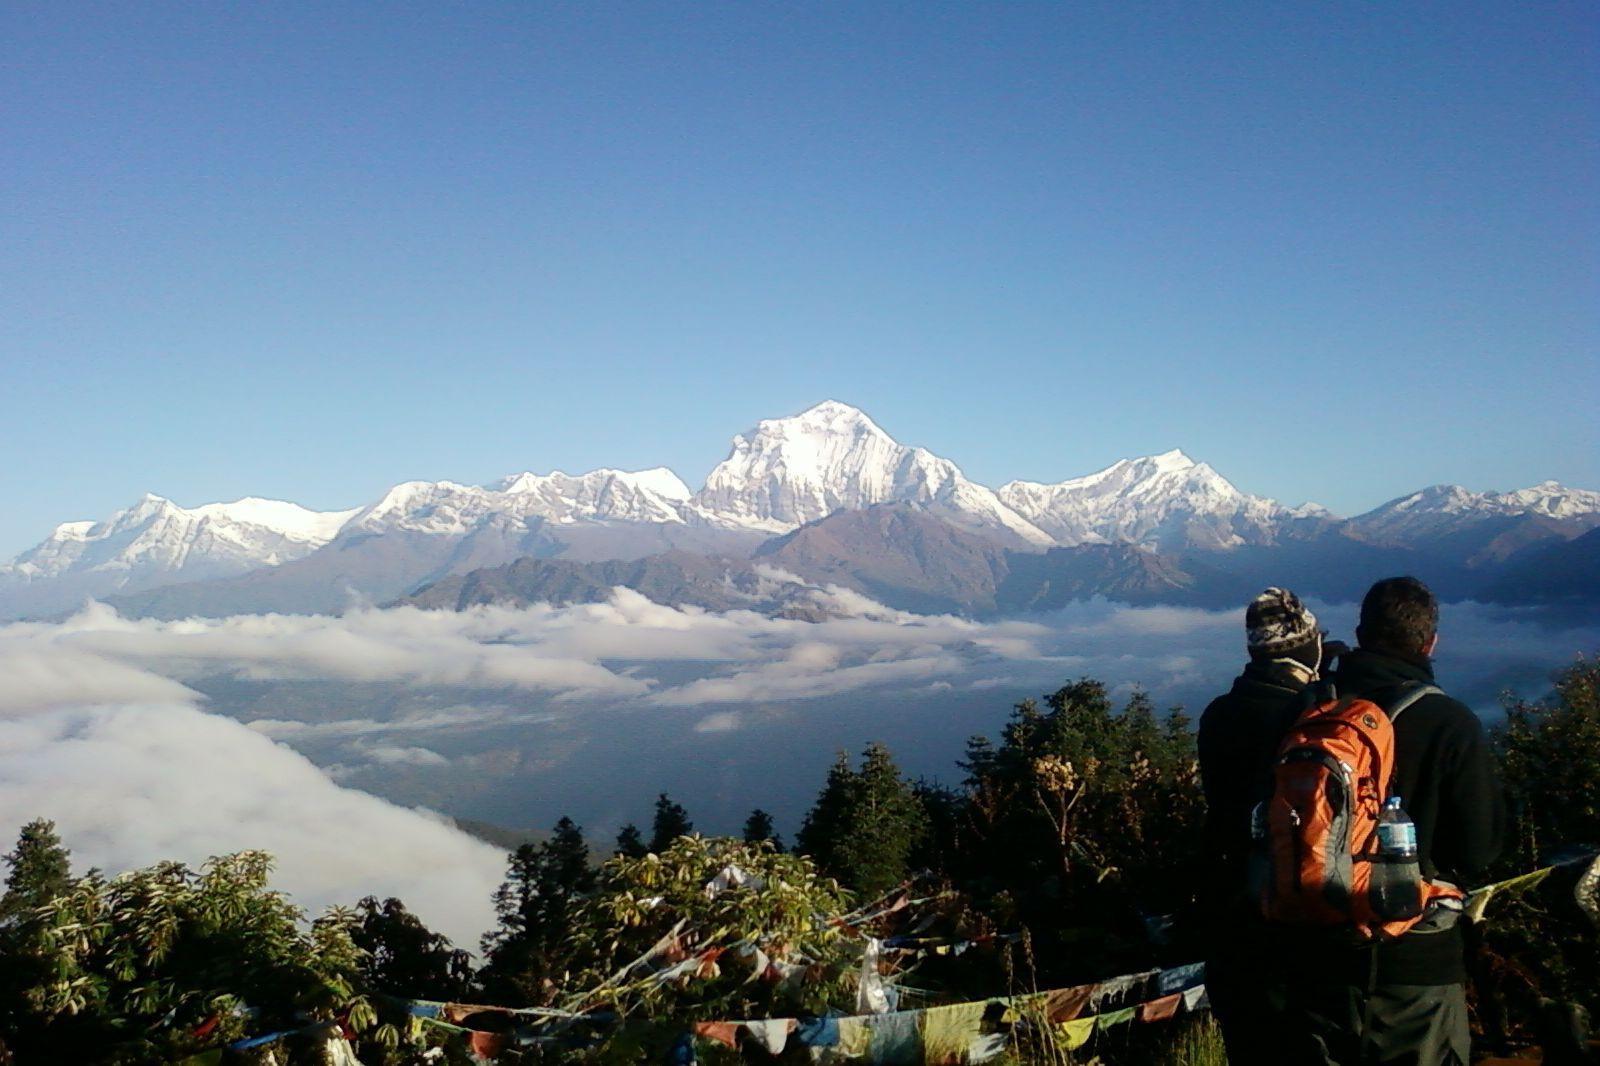 Alpinistas sul-coreanos e guias desaparecidos após tempestade no Nepal